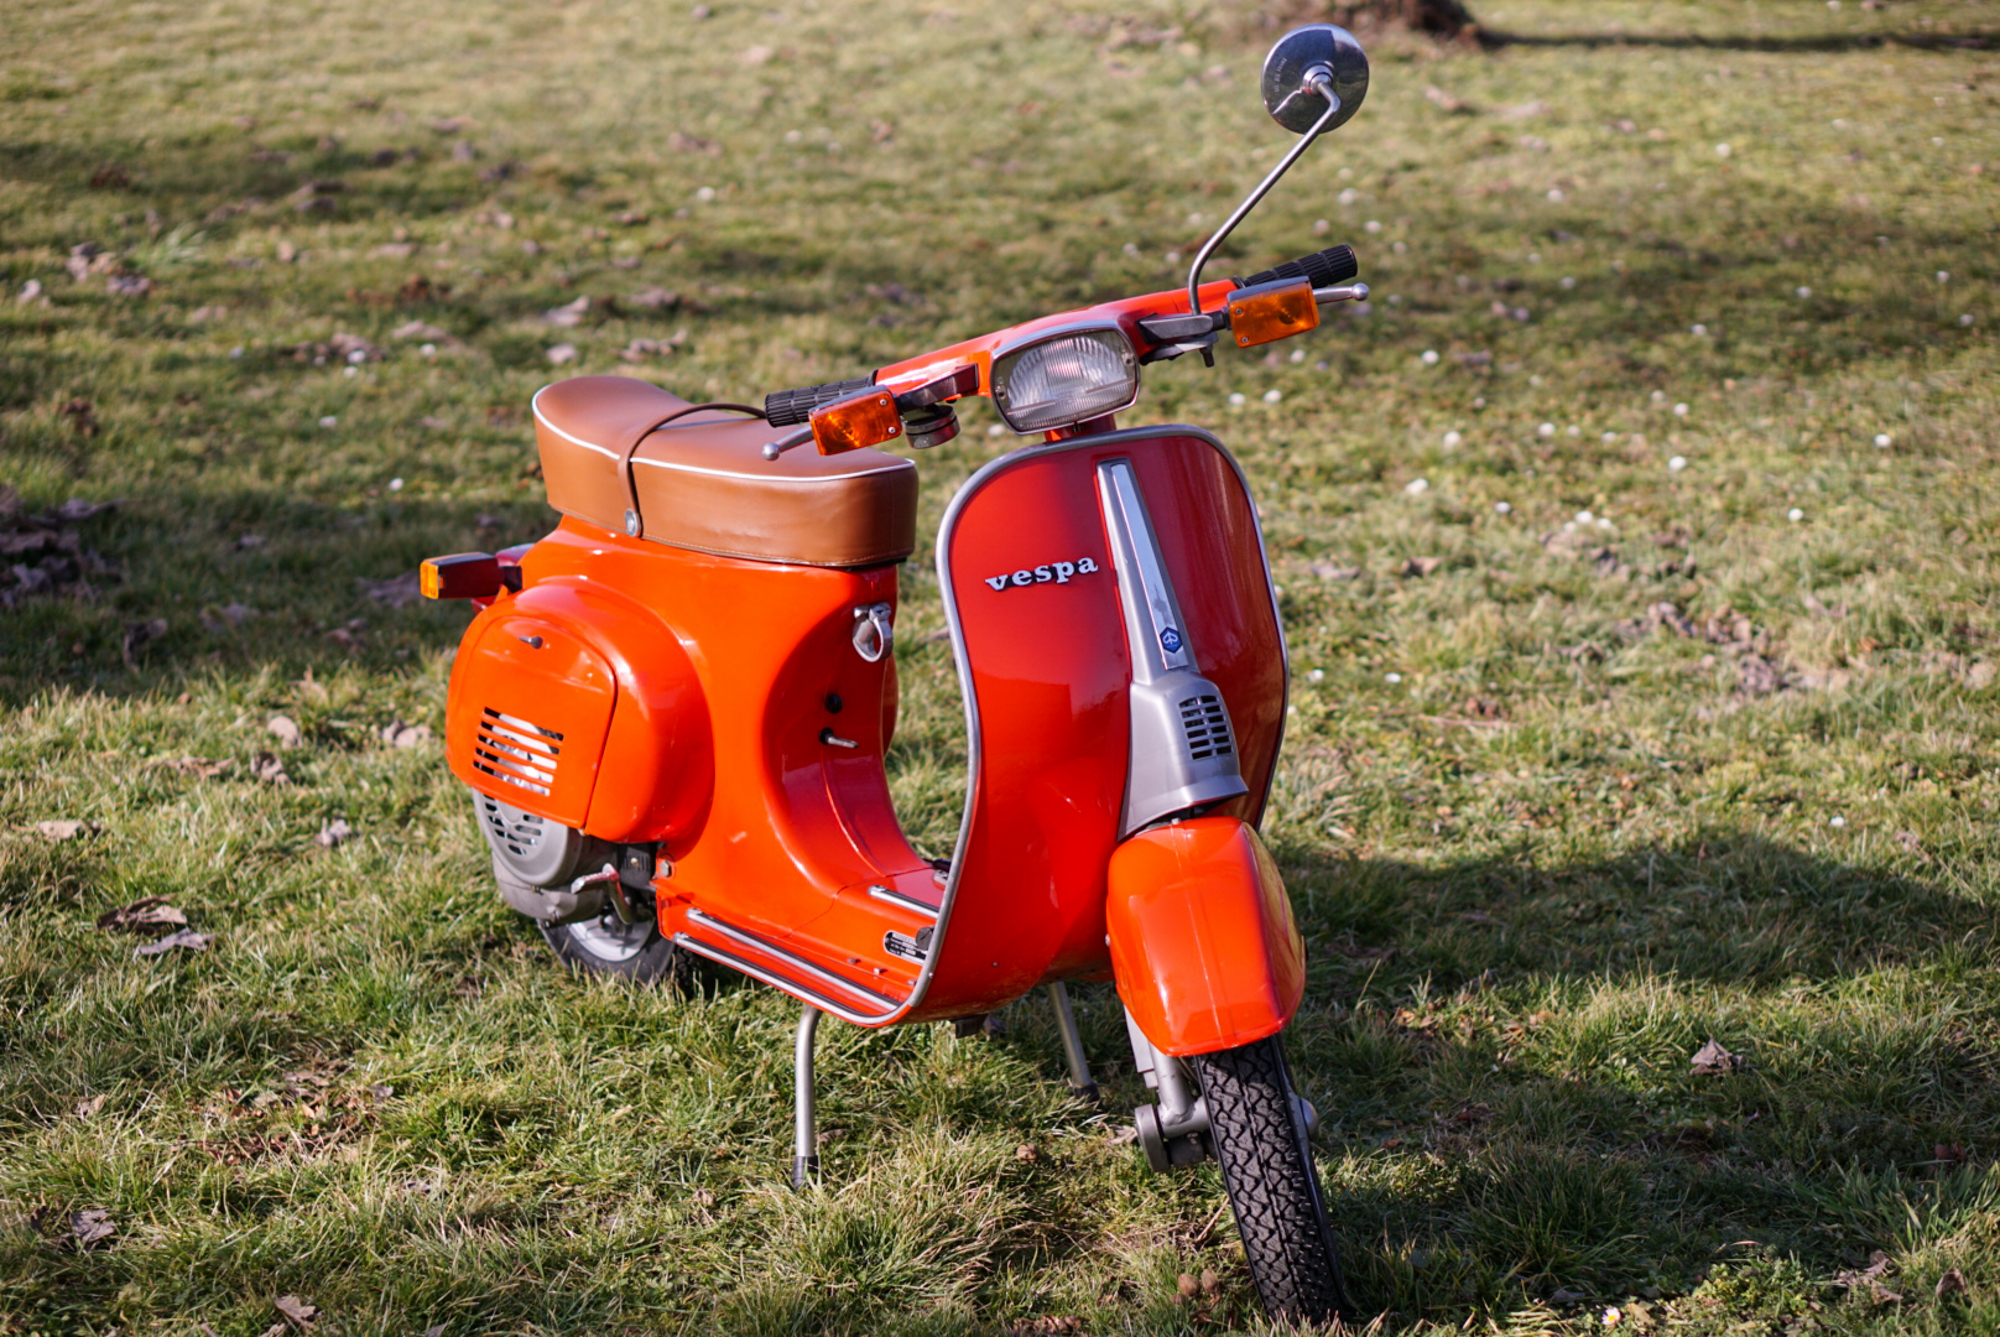 Rote Vespa V50 Special komplettansicht von vorne